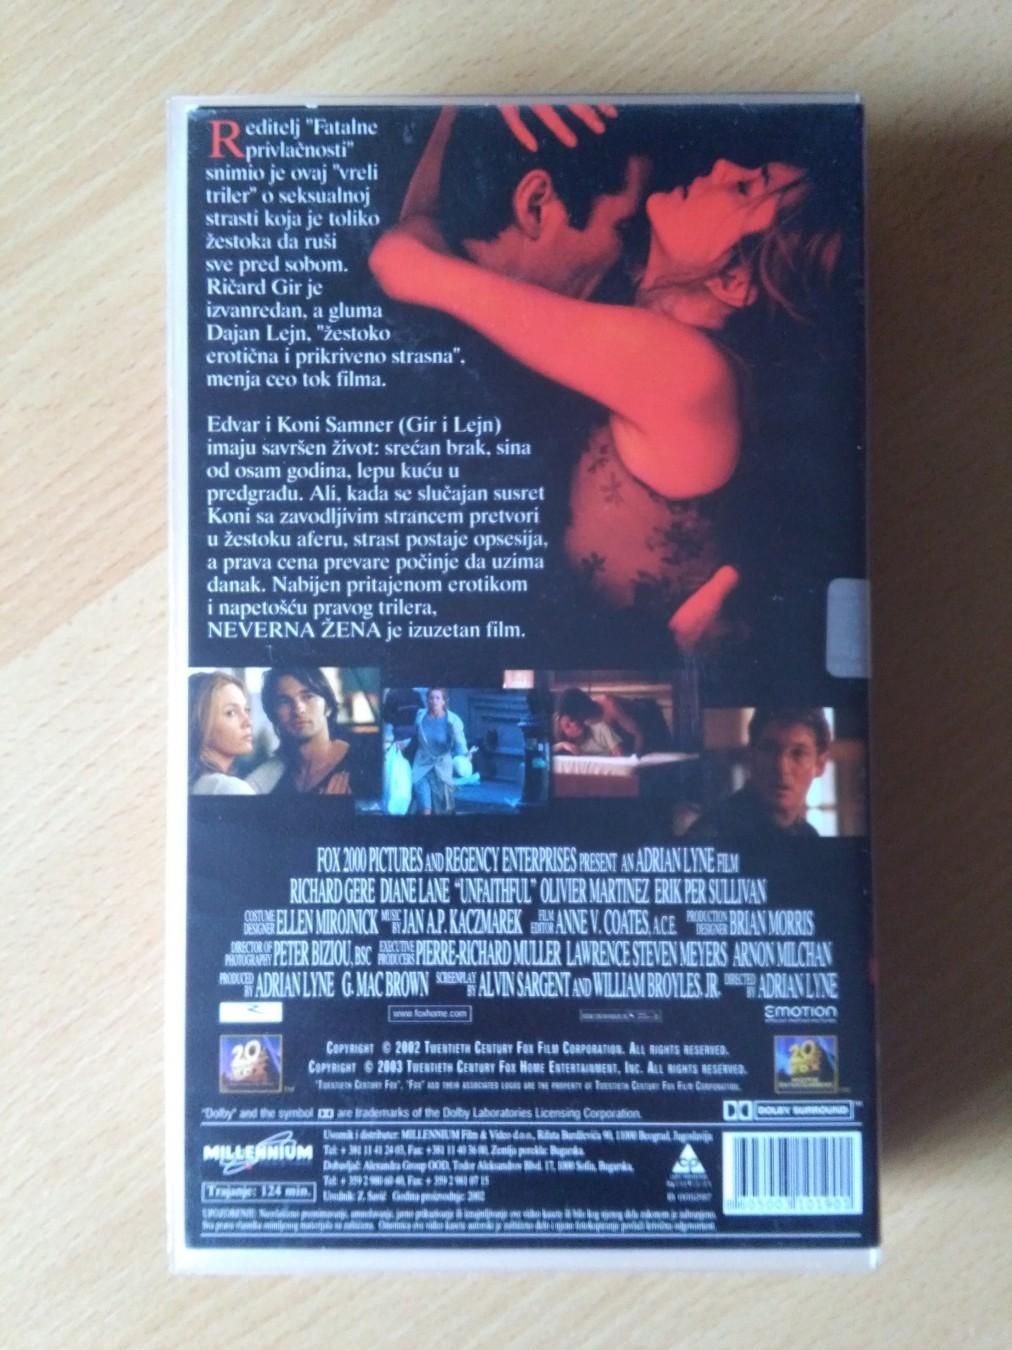 Sa erotikom filmovi